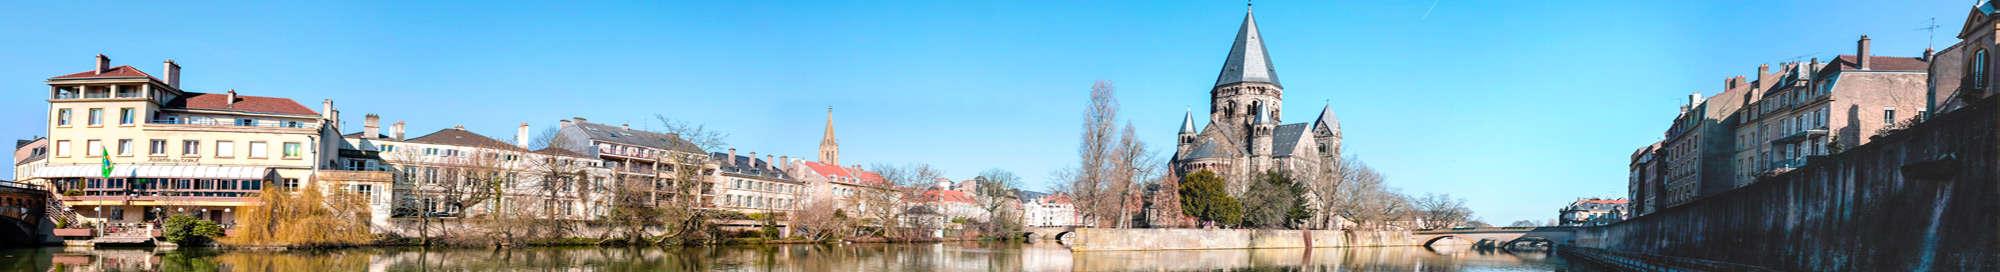 Week-end et séjour à Metz